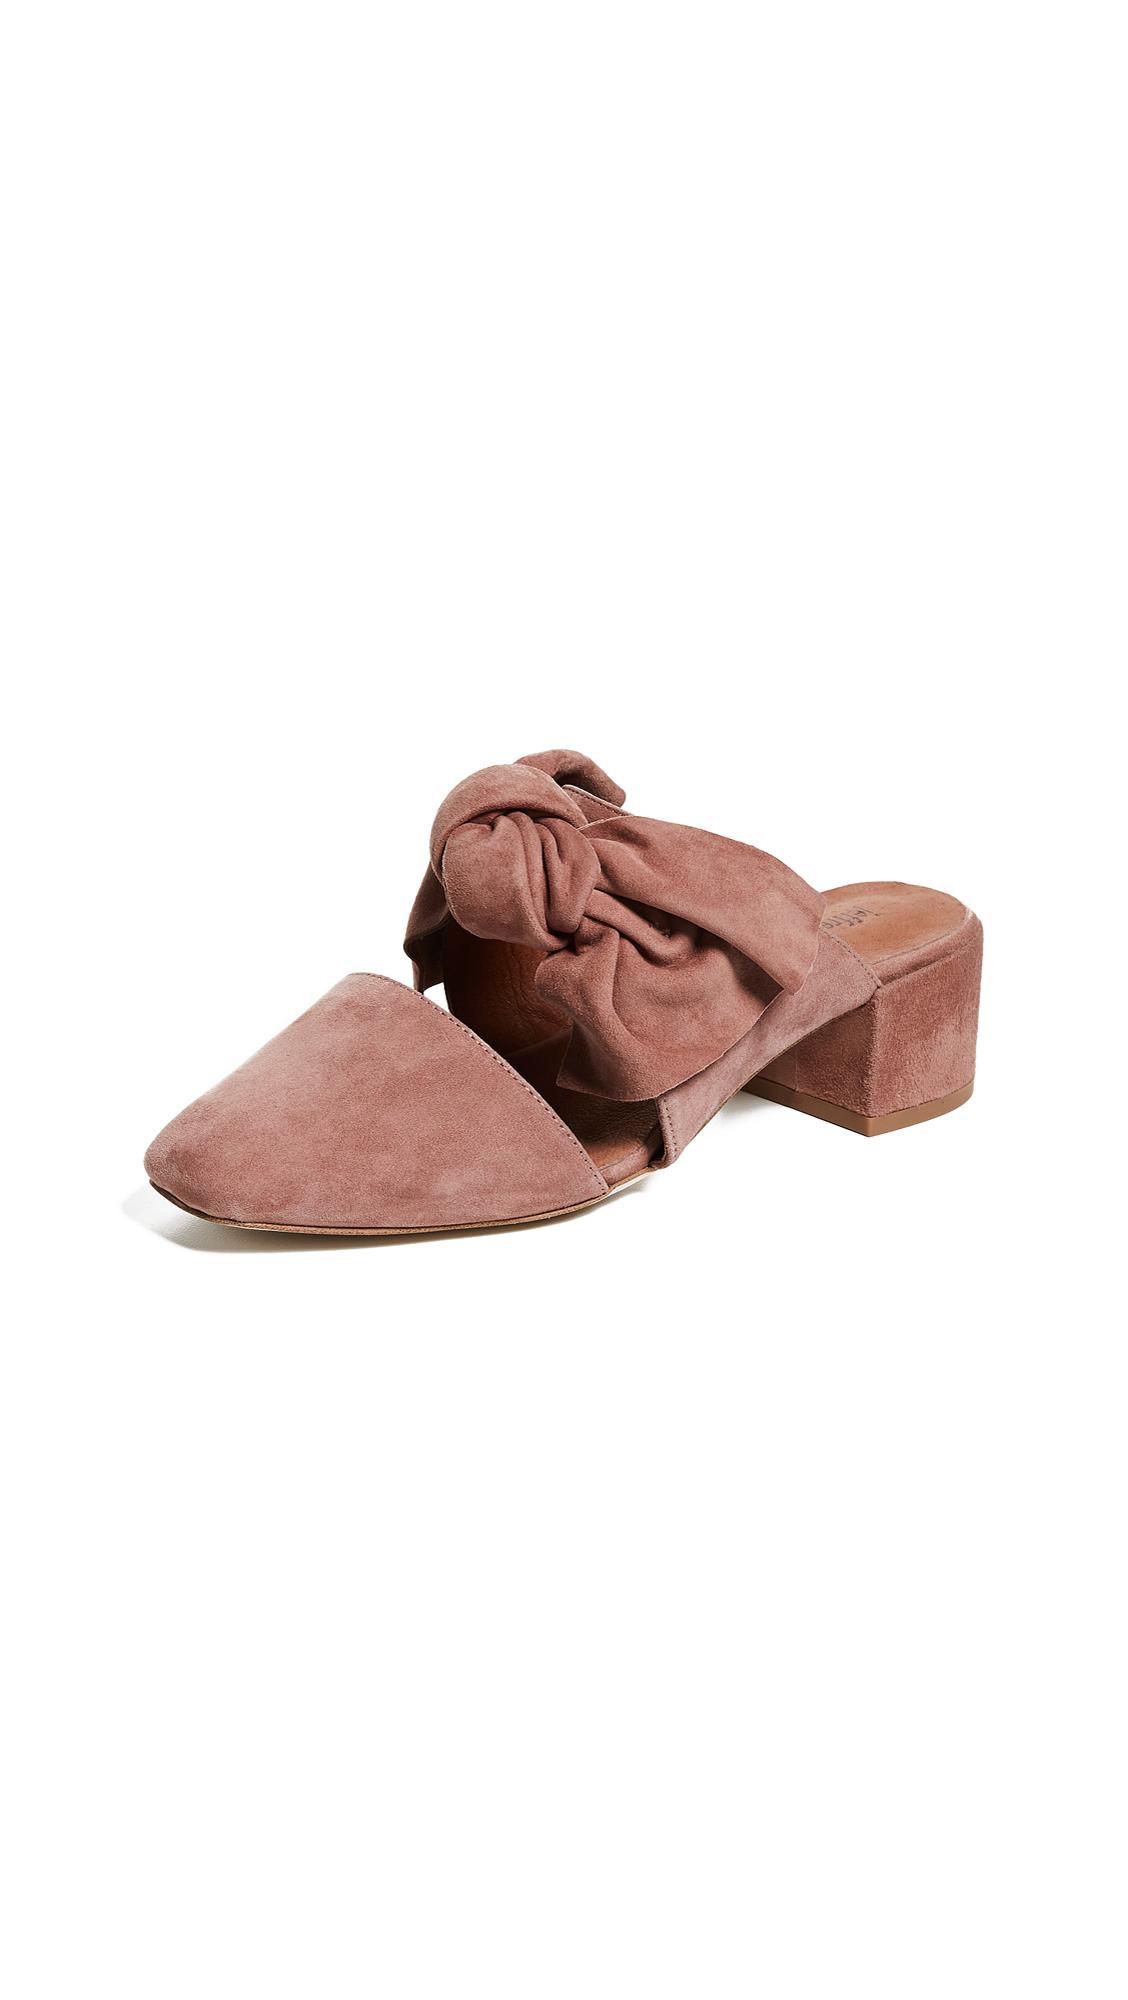 Jeffrey Campbell Tori Block Heel Mules - Dusty Rose